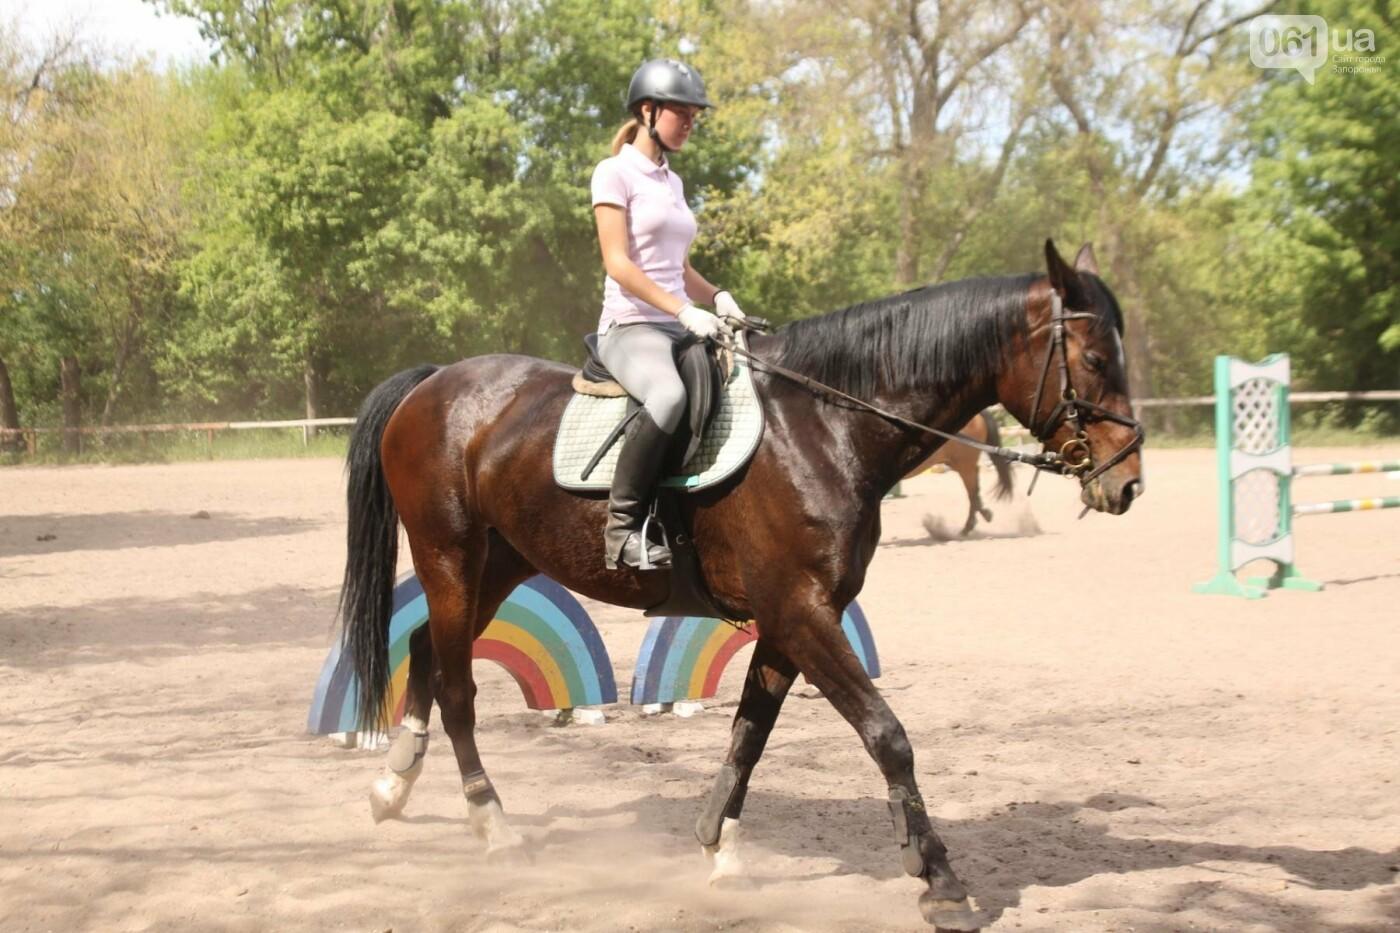 Незабываемое общение с лошадьми: экскурсия в конноспортивный клуб «Патриот», – ФОТОРЕПОРТАЖ, фото-1